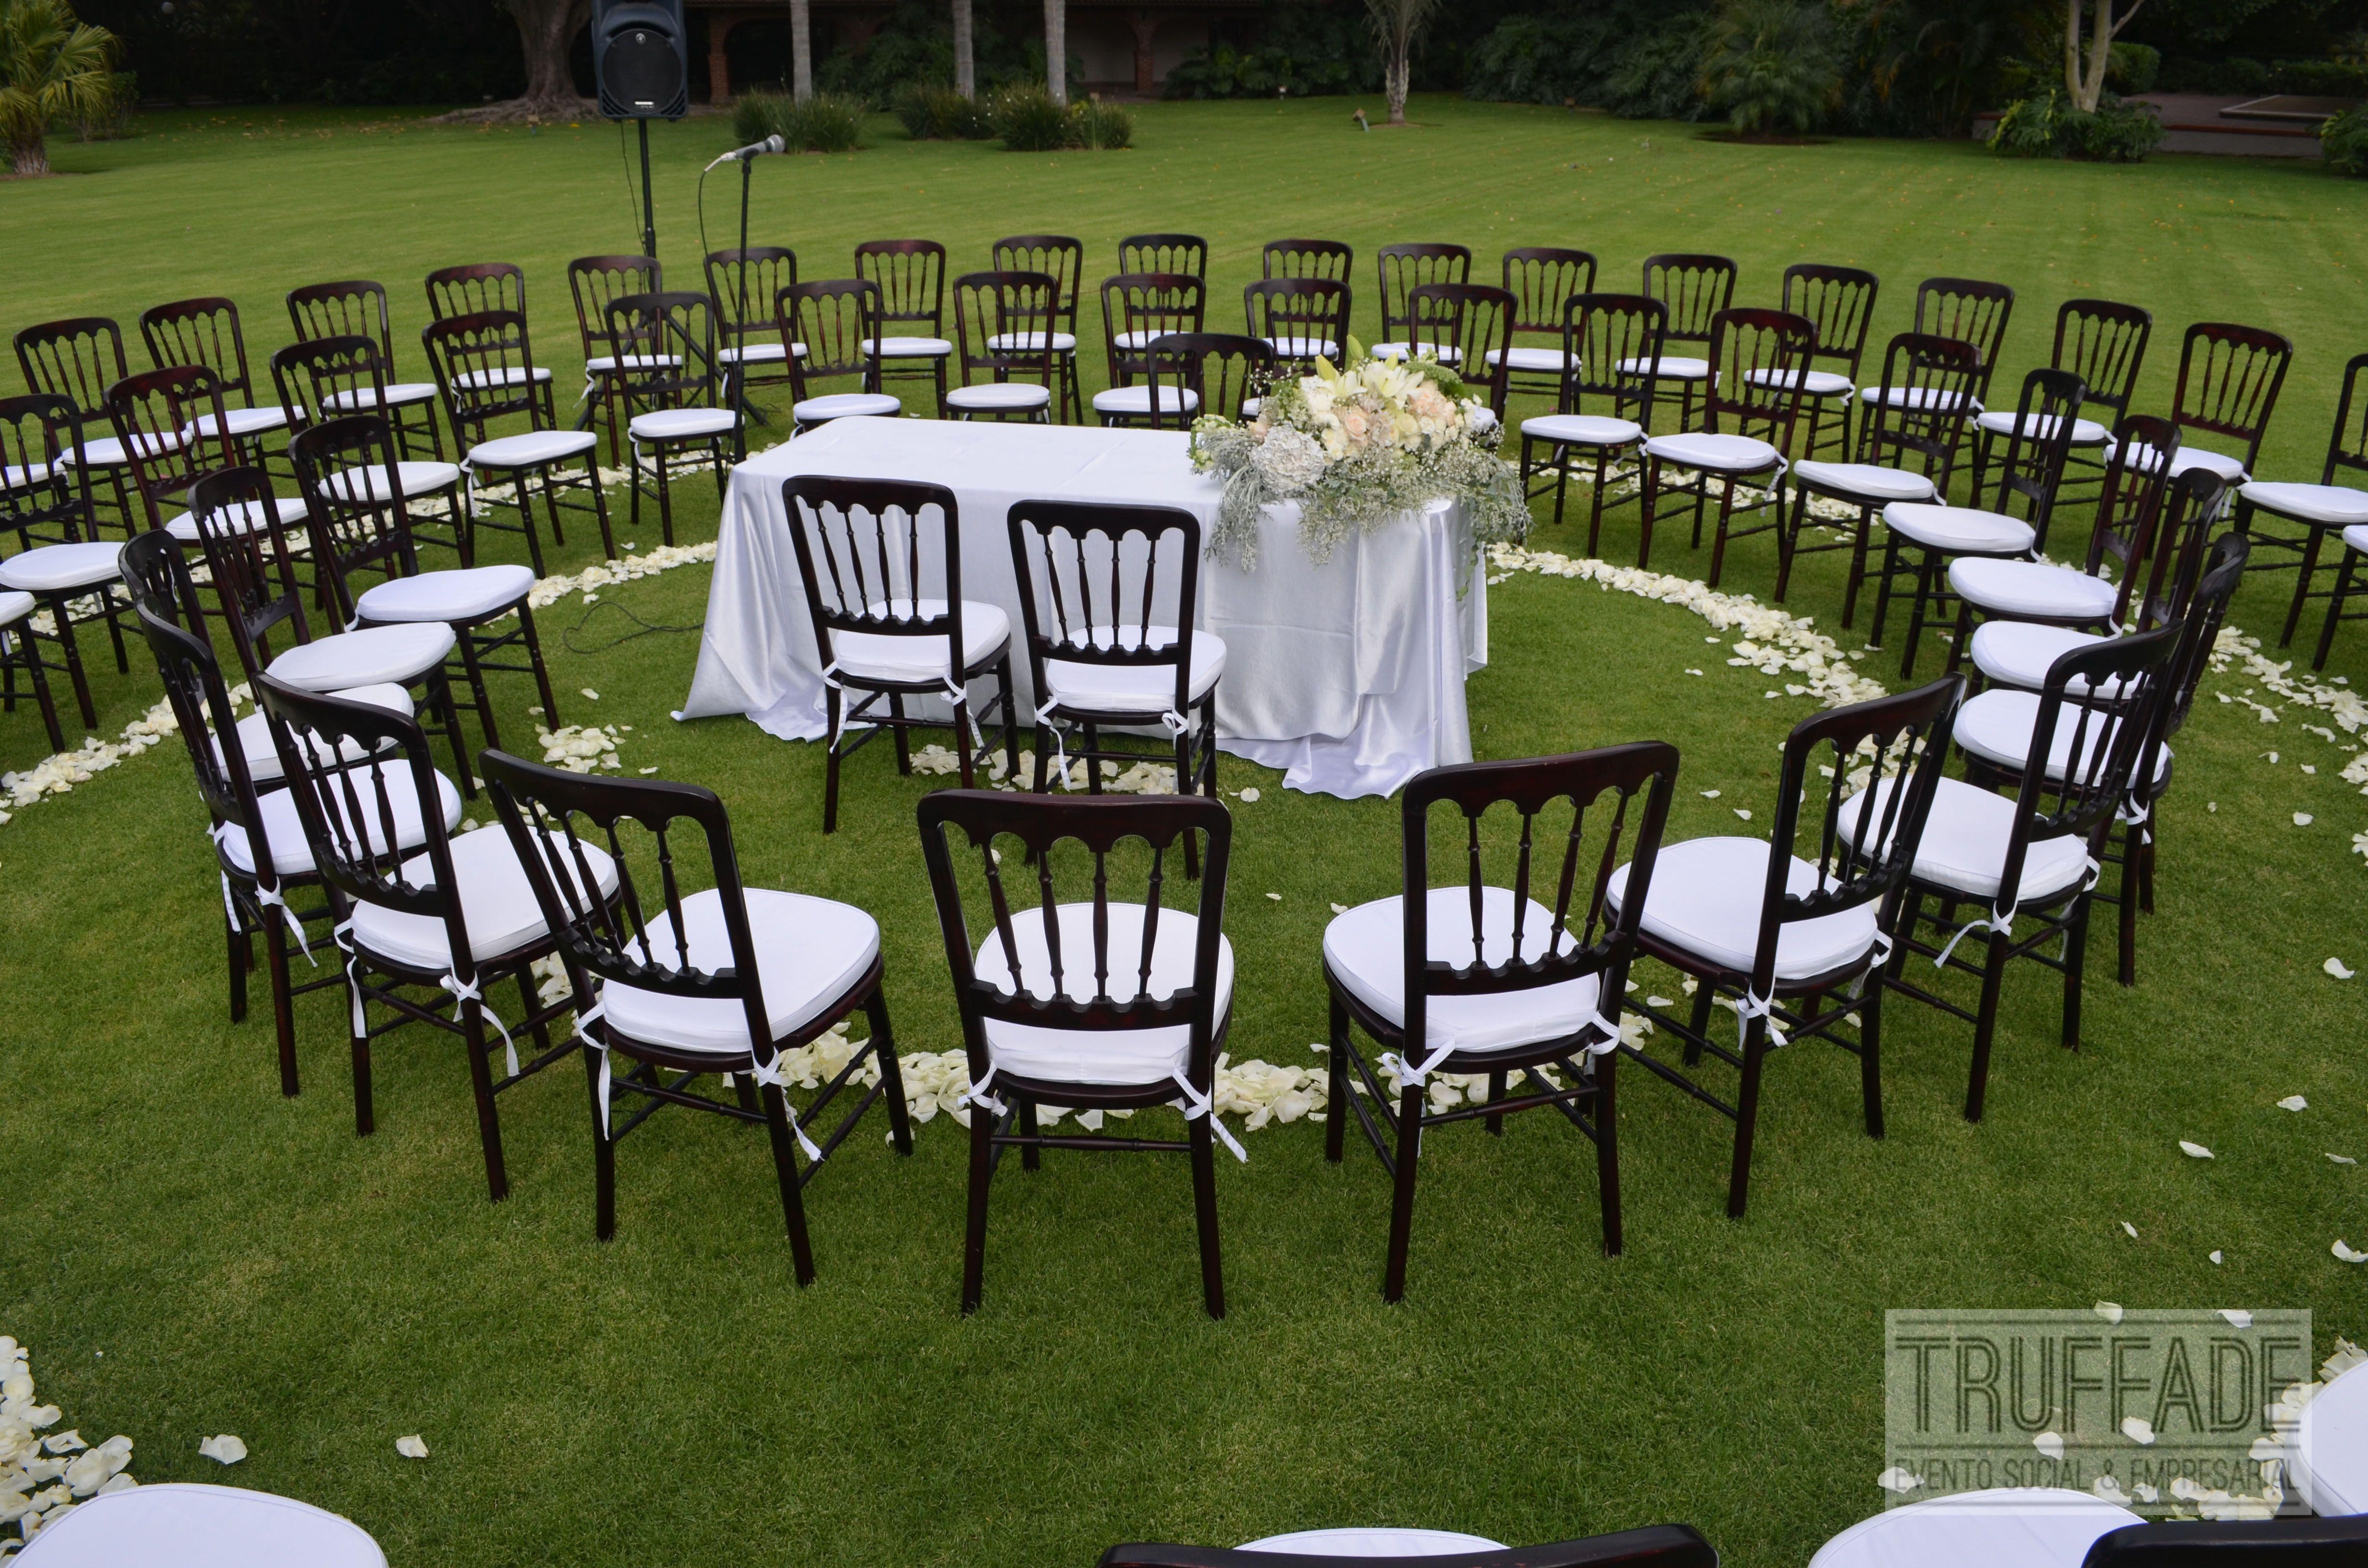 Ceremonia civil en un hermoso jard n con un montaje en - Decoracion jardin boda civil ...